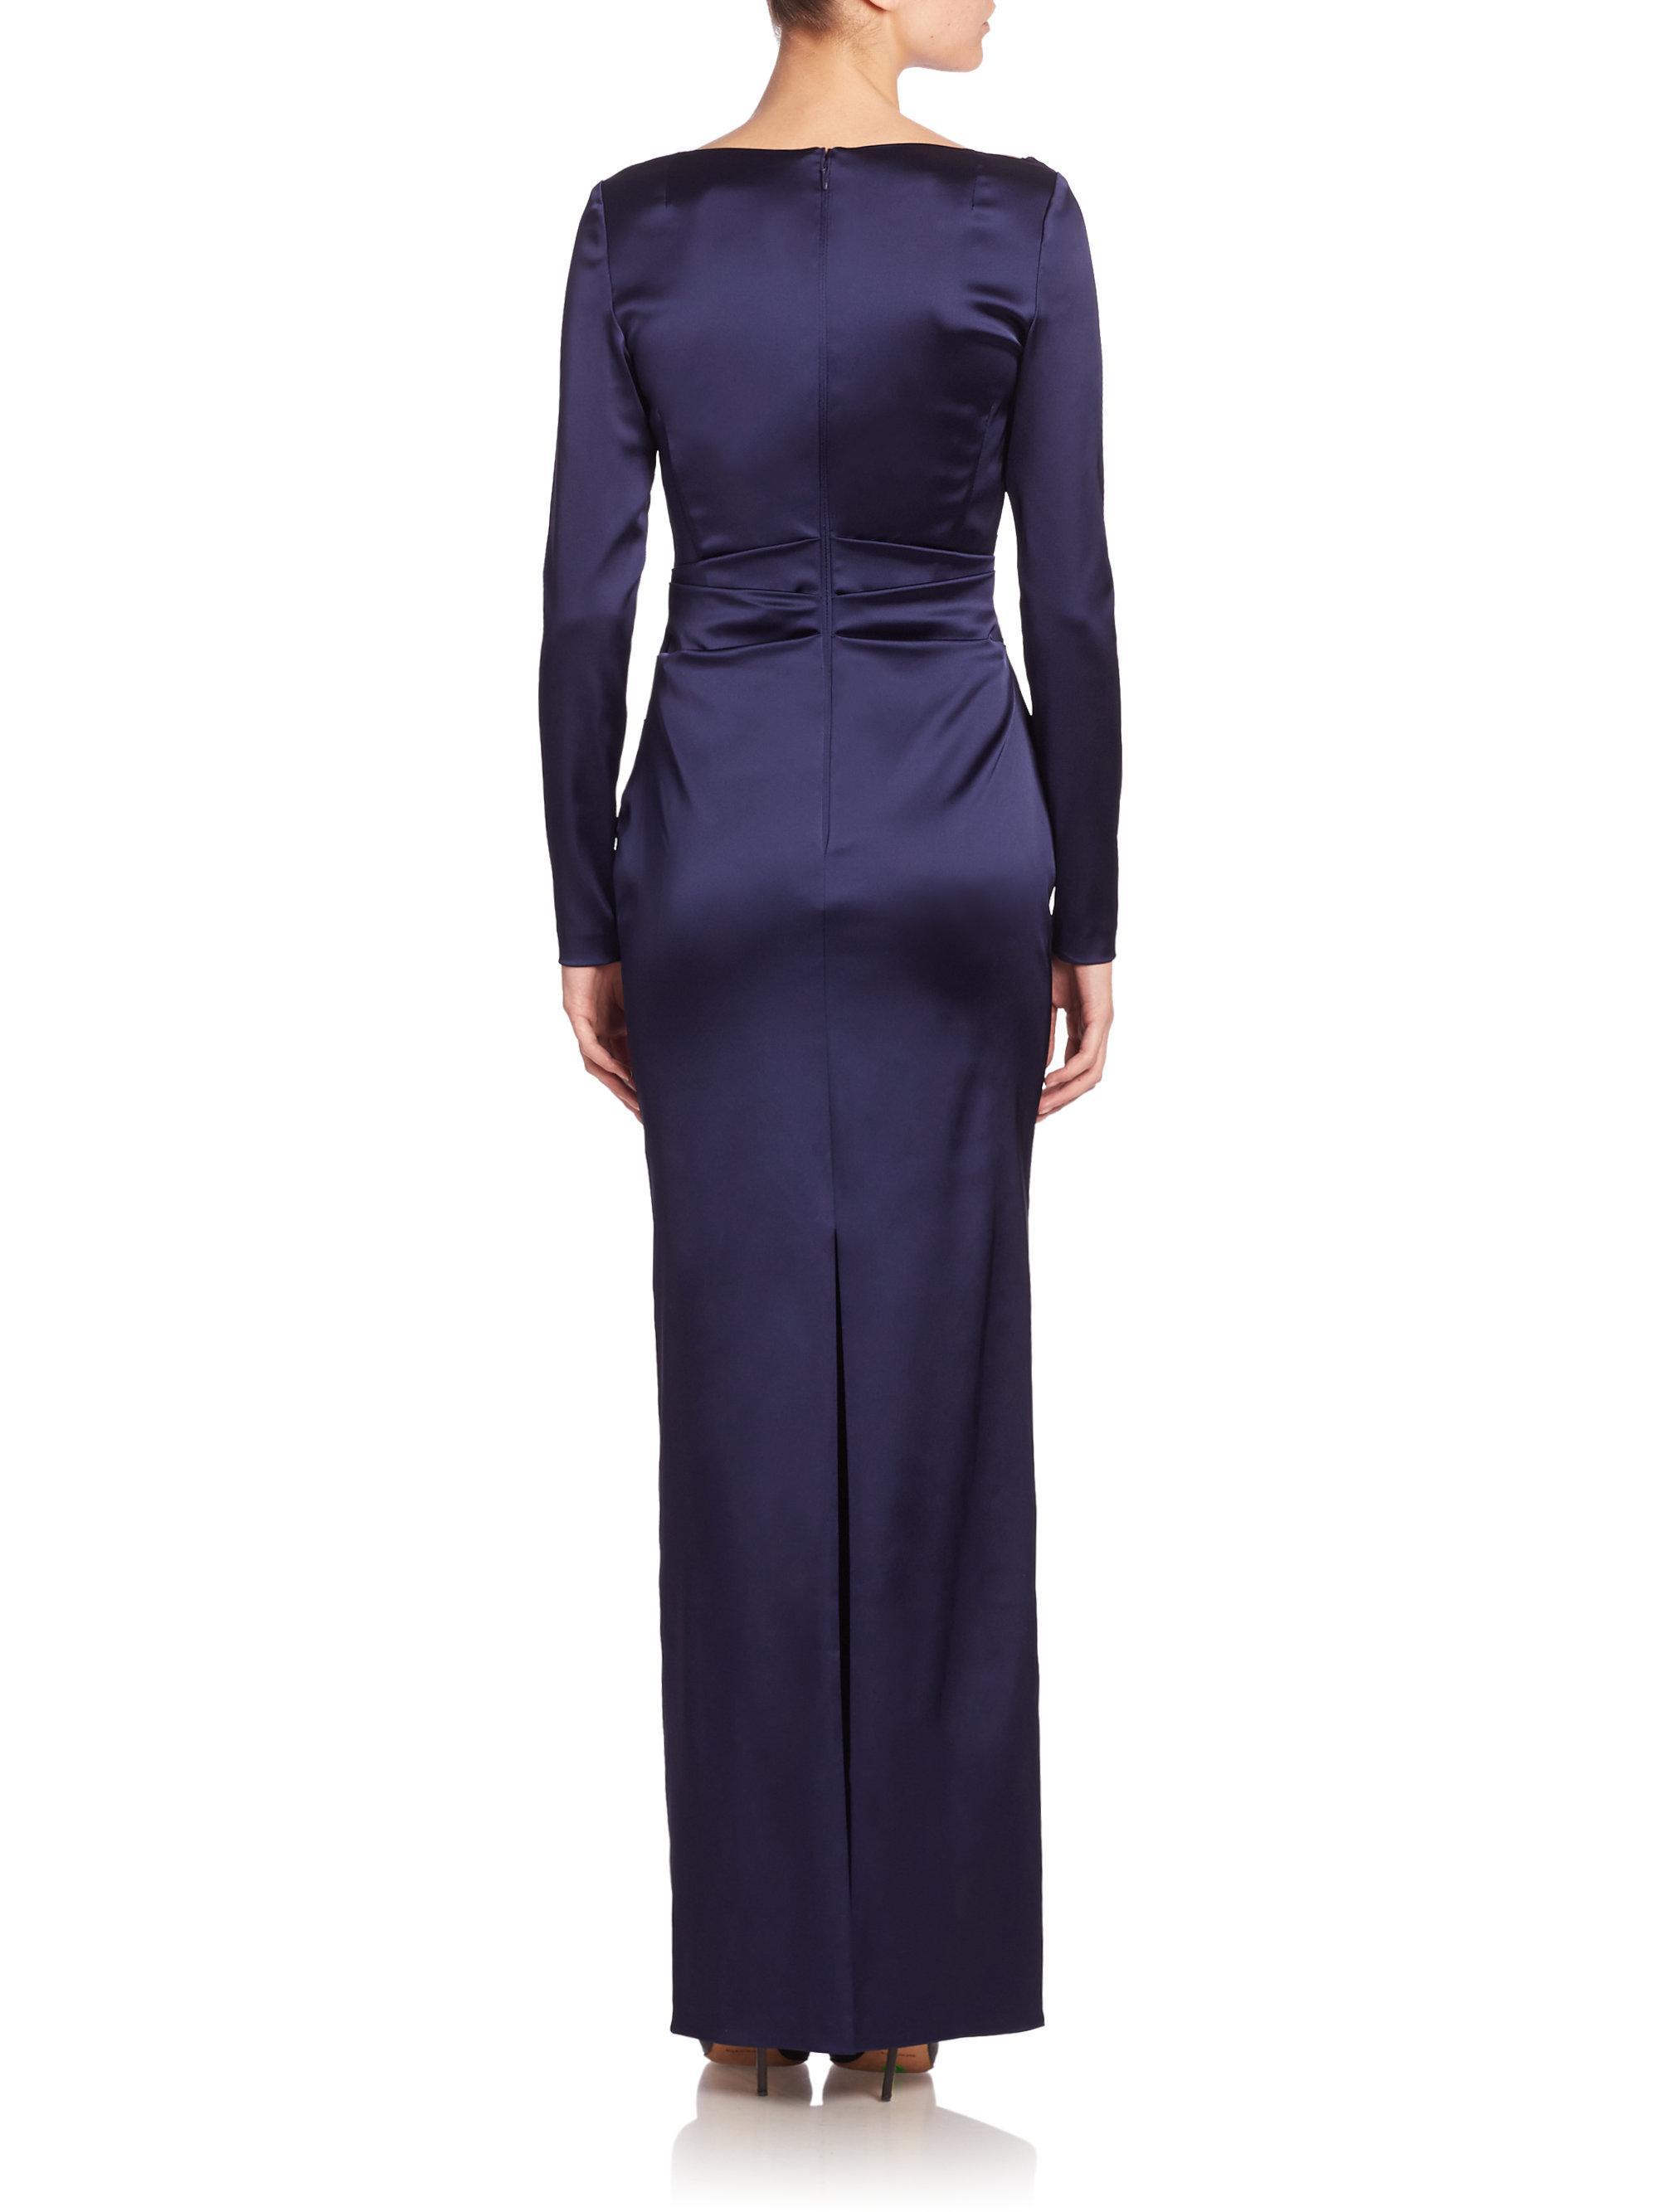 a39984d6ebad3 Lyst - Talbot Runhof Stretch Satin Duchesse Gown